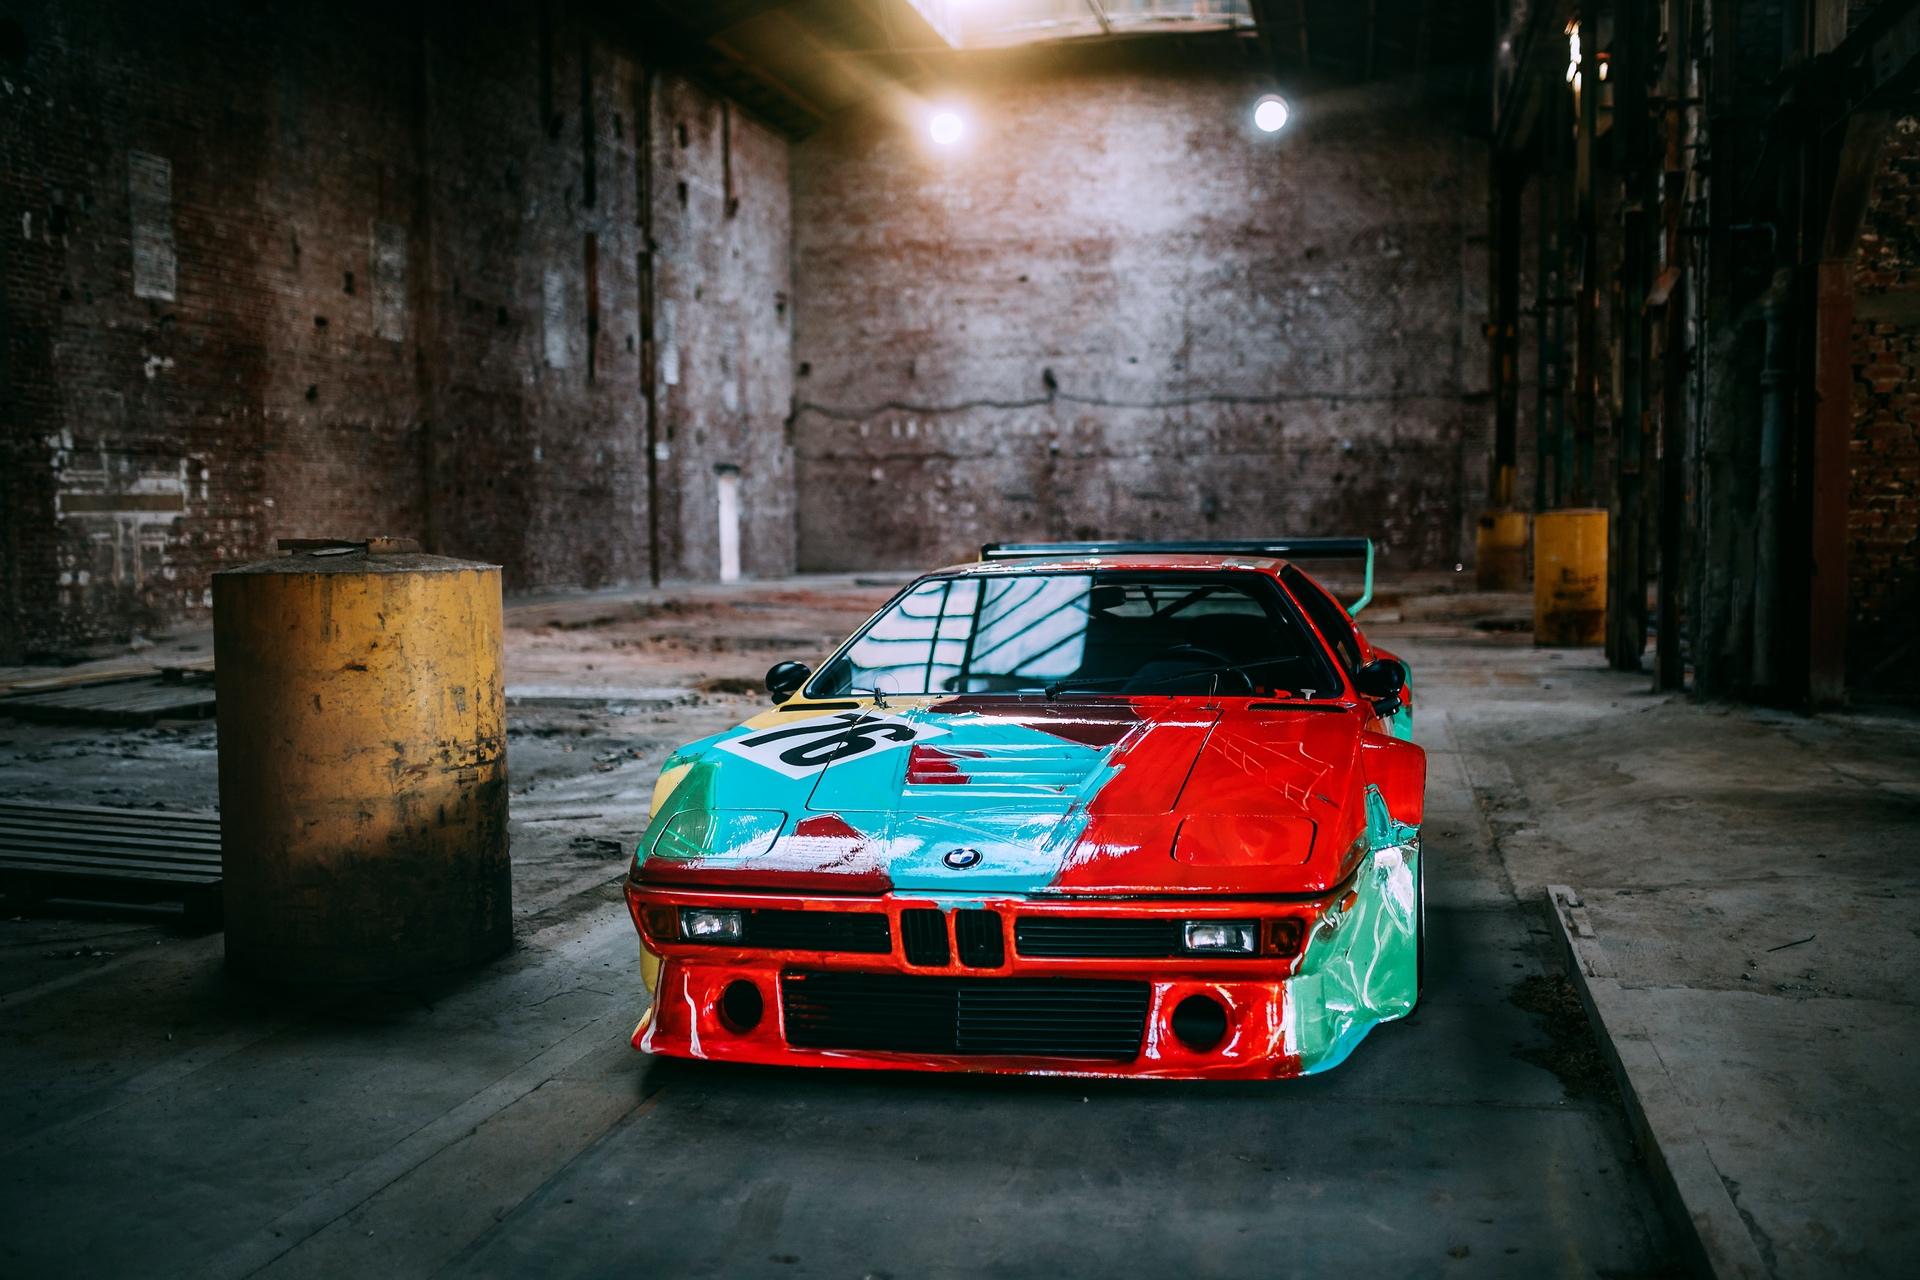 BMW_M1_Art_Car_by_Andy_Warhol_0004